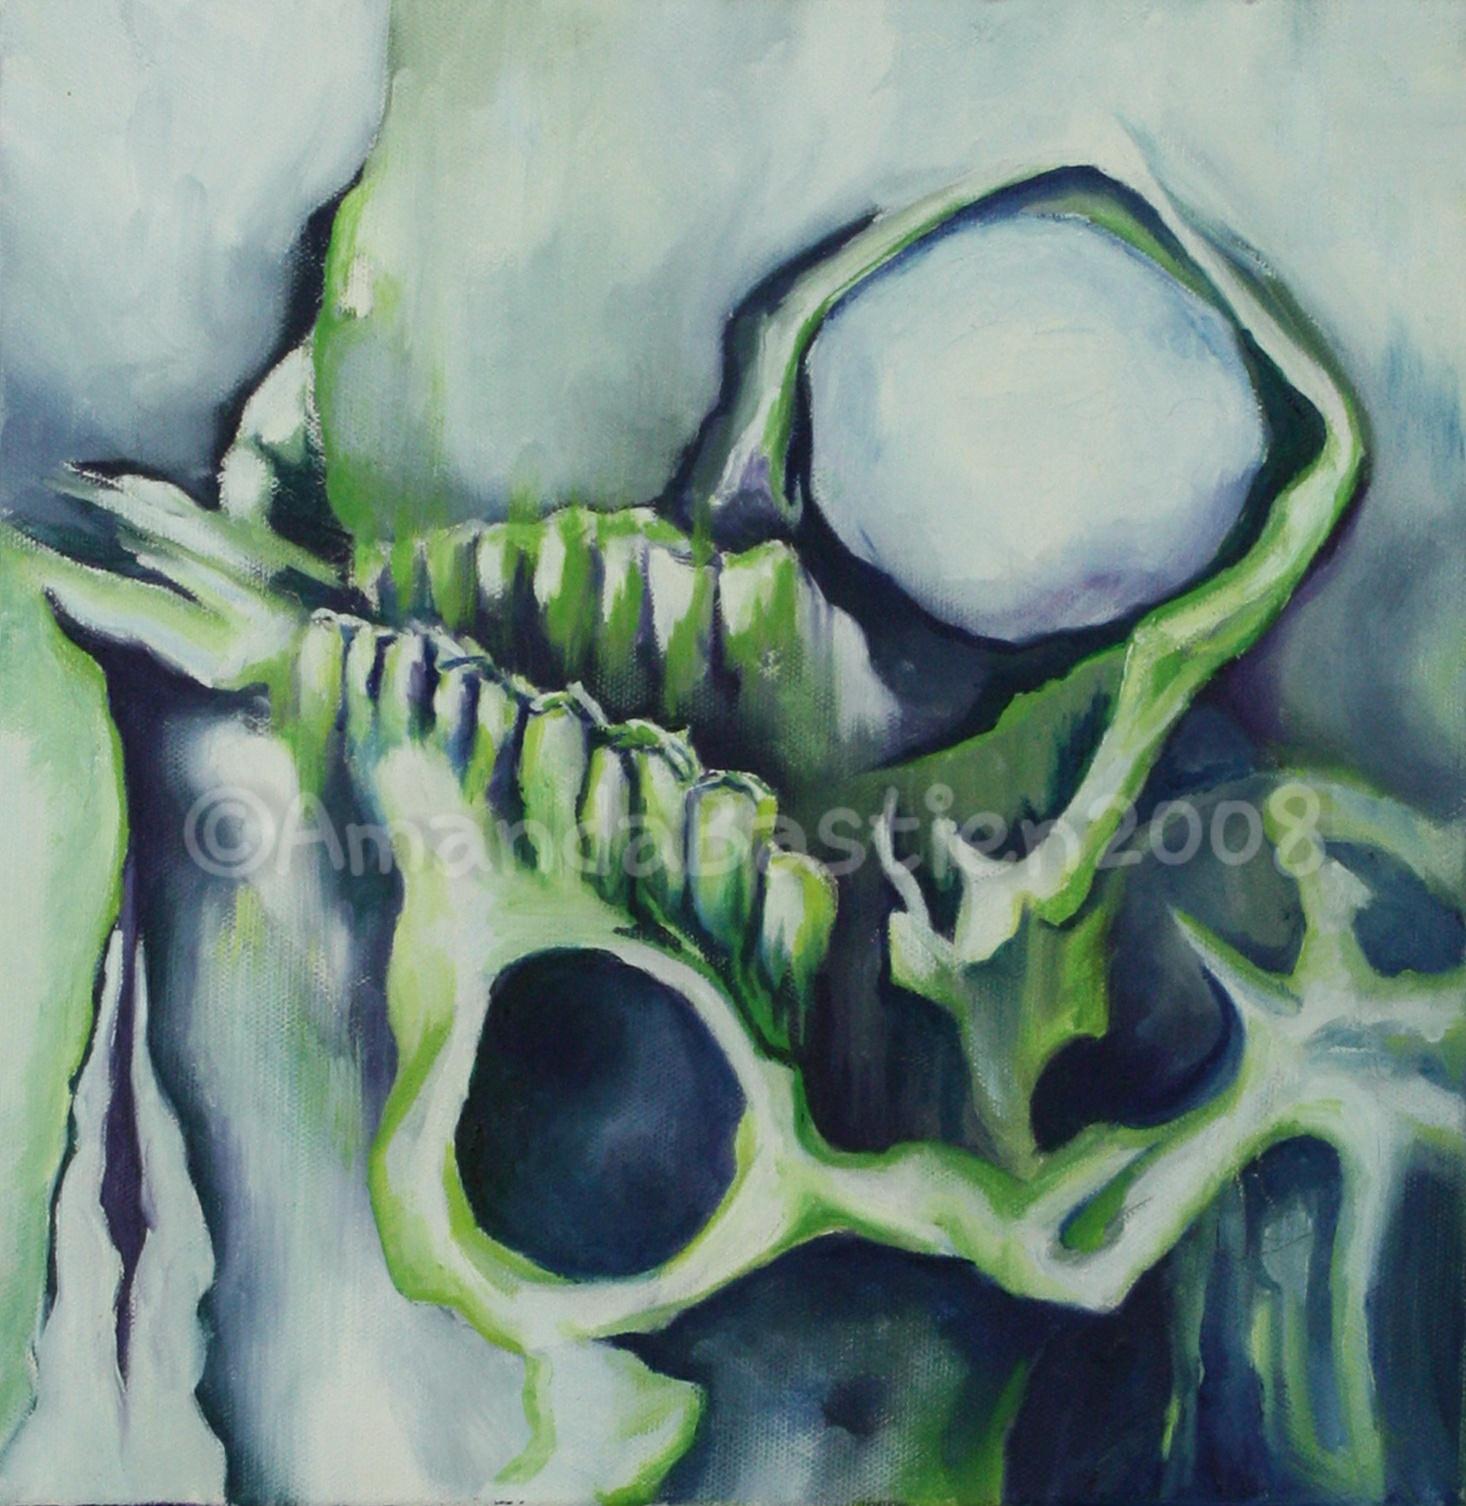 Blair Bones